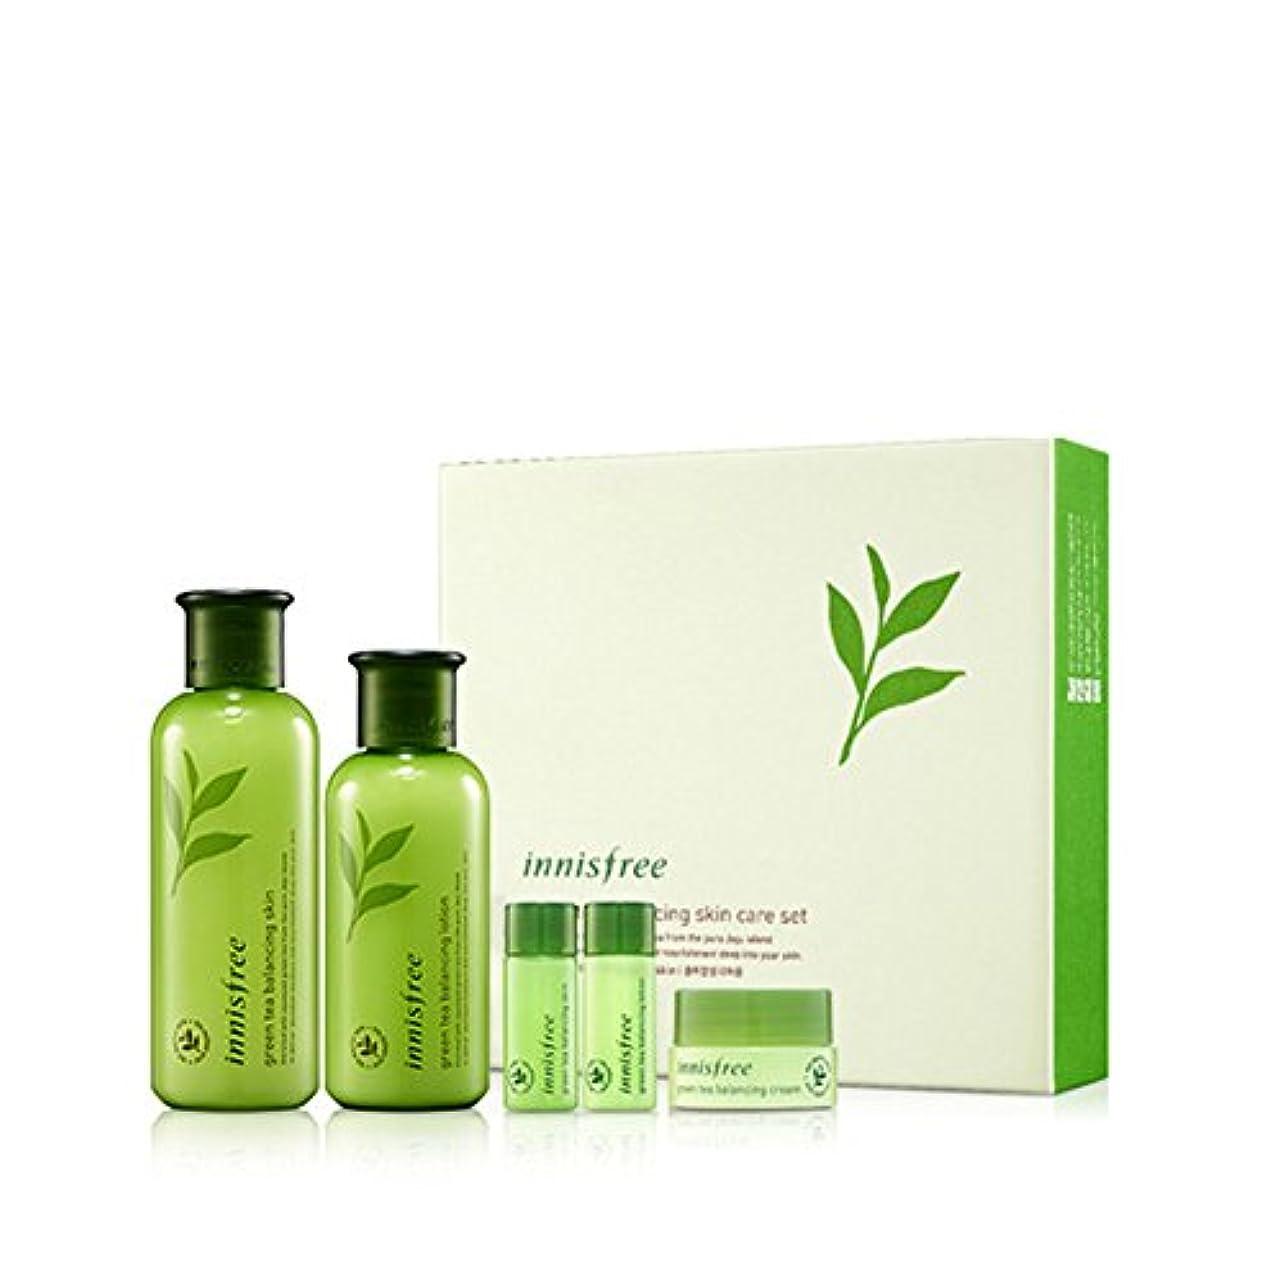 発信意志に反するキャプション[イニスフリー] Innisfree [グリーンティーバランシングスペシャルスキンケアセット] Green Tea Balancing Special Skin Care Set [海外直送品]